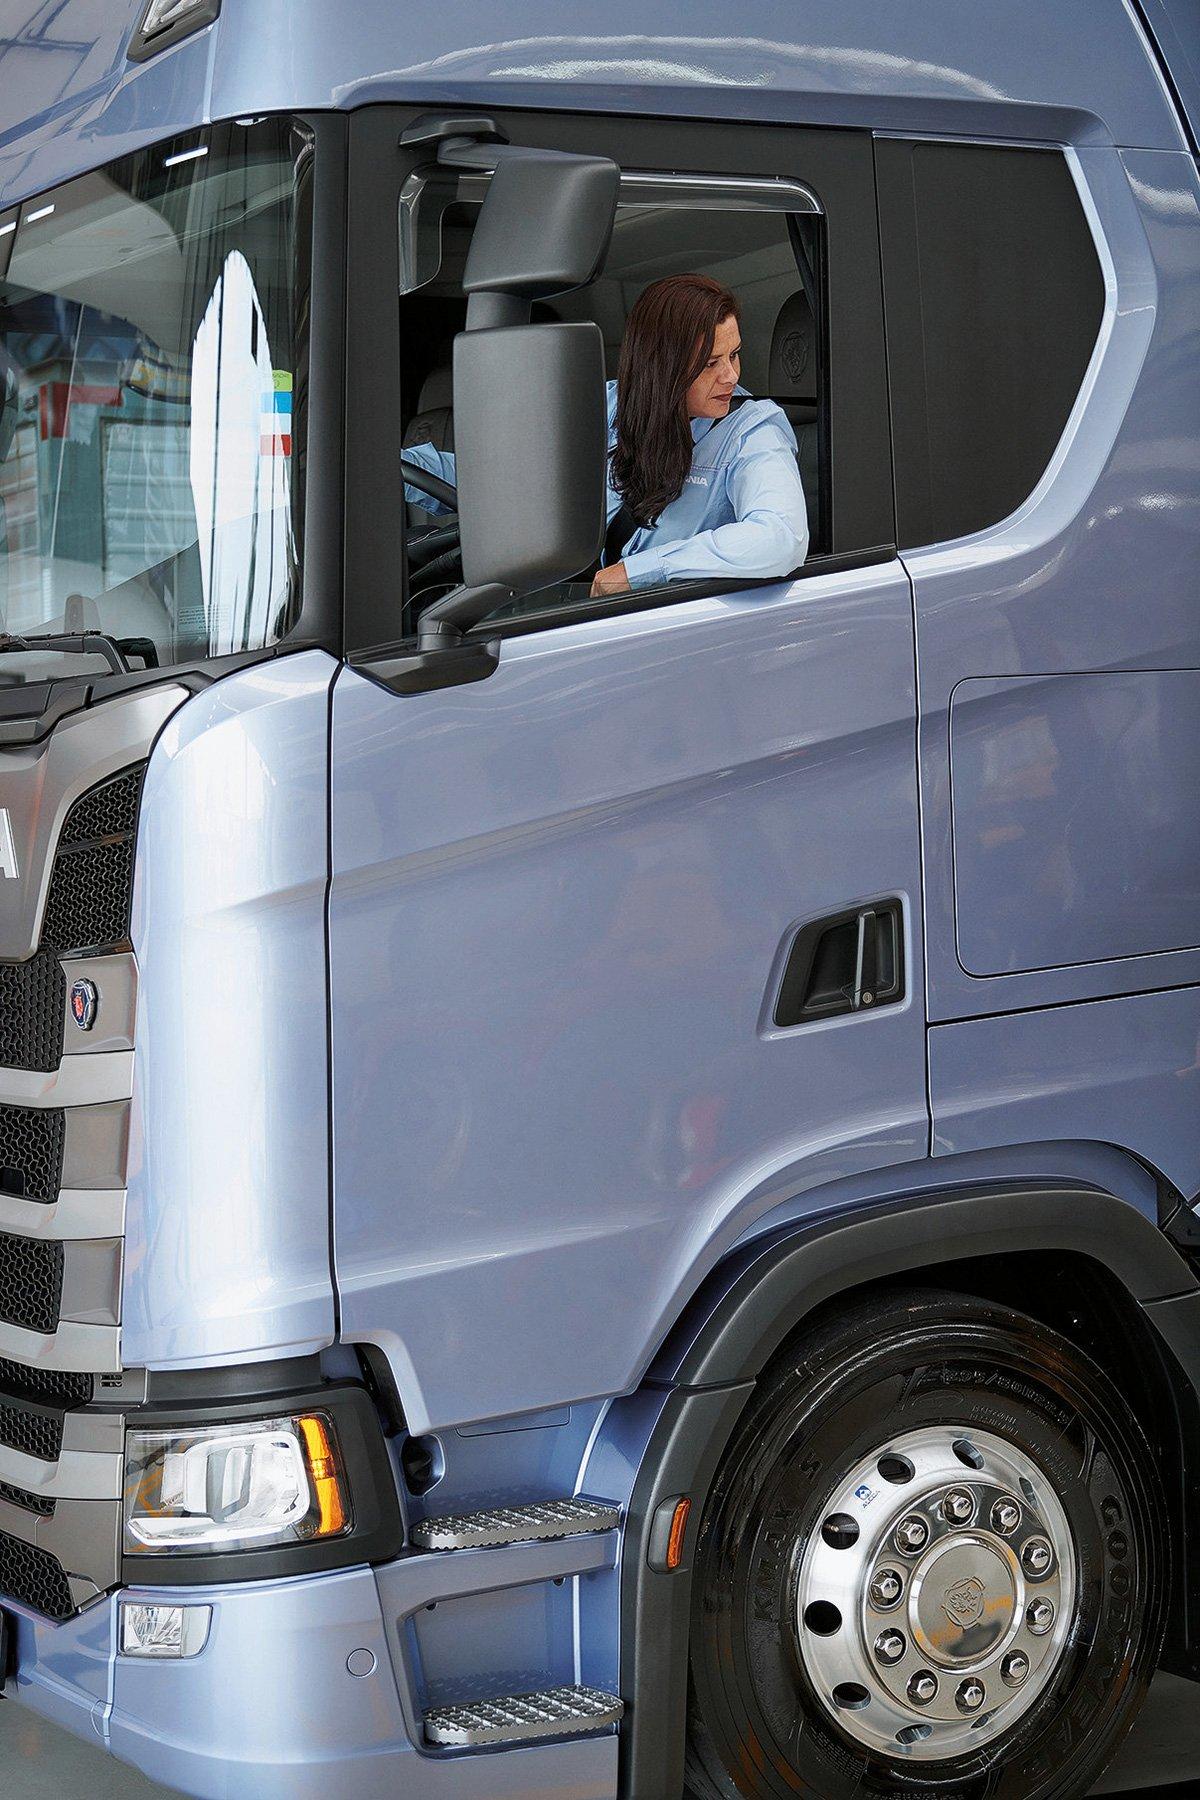 «Водить грузовик было моей мечтой» – истории женщин, которые водят тяжелую технику и мнение работодателей